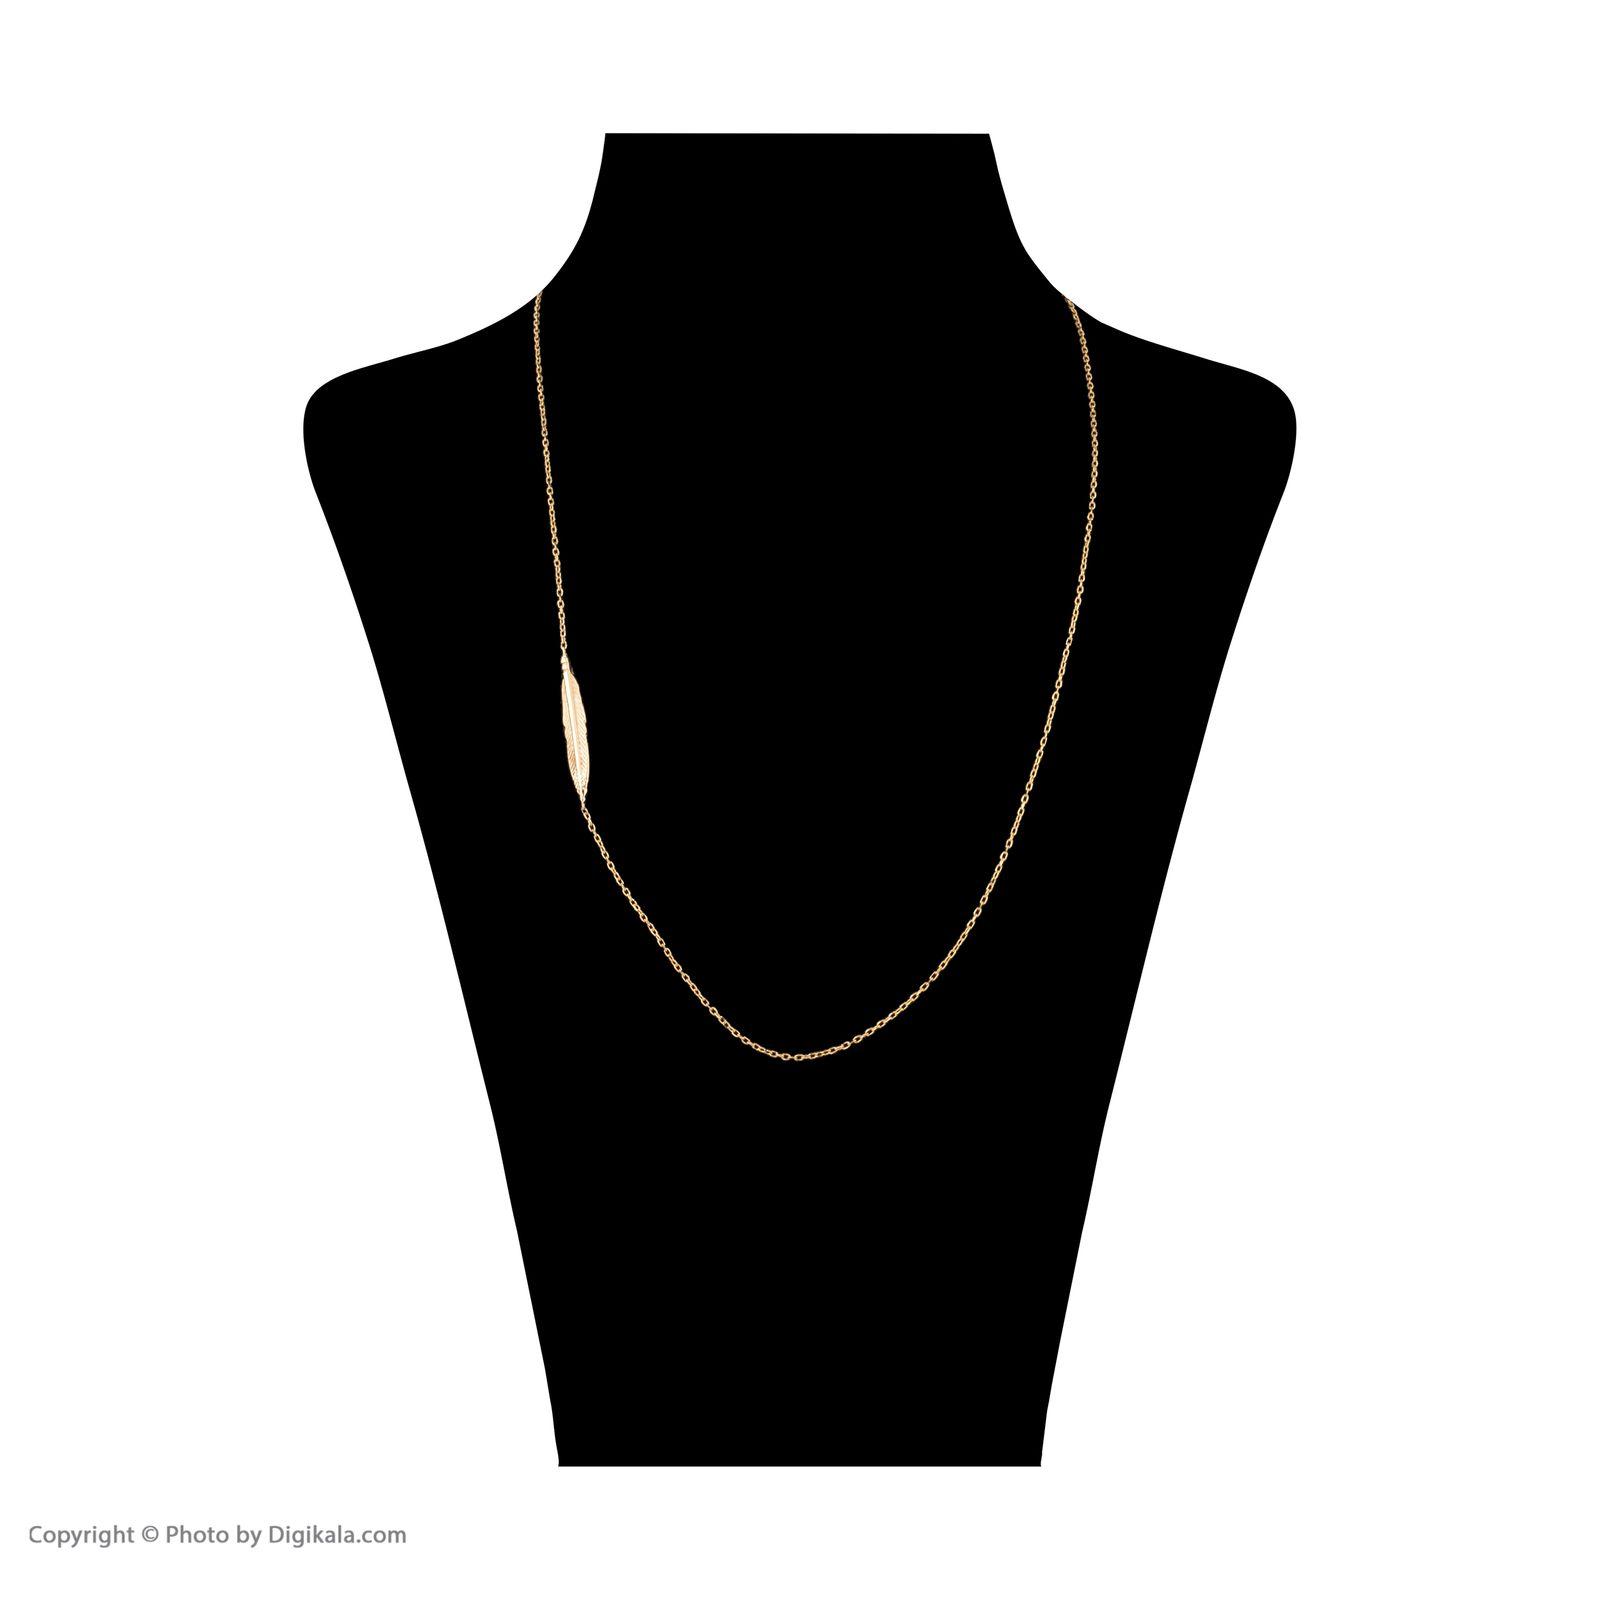 گردنبند طلا 18 عیار زنانه سنجاق مدل X081807 -  - 2